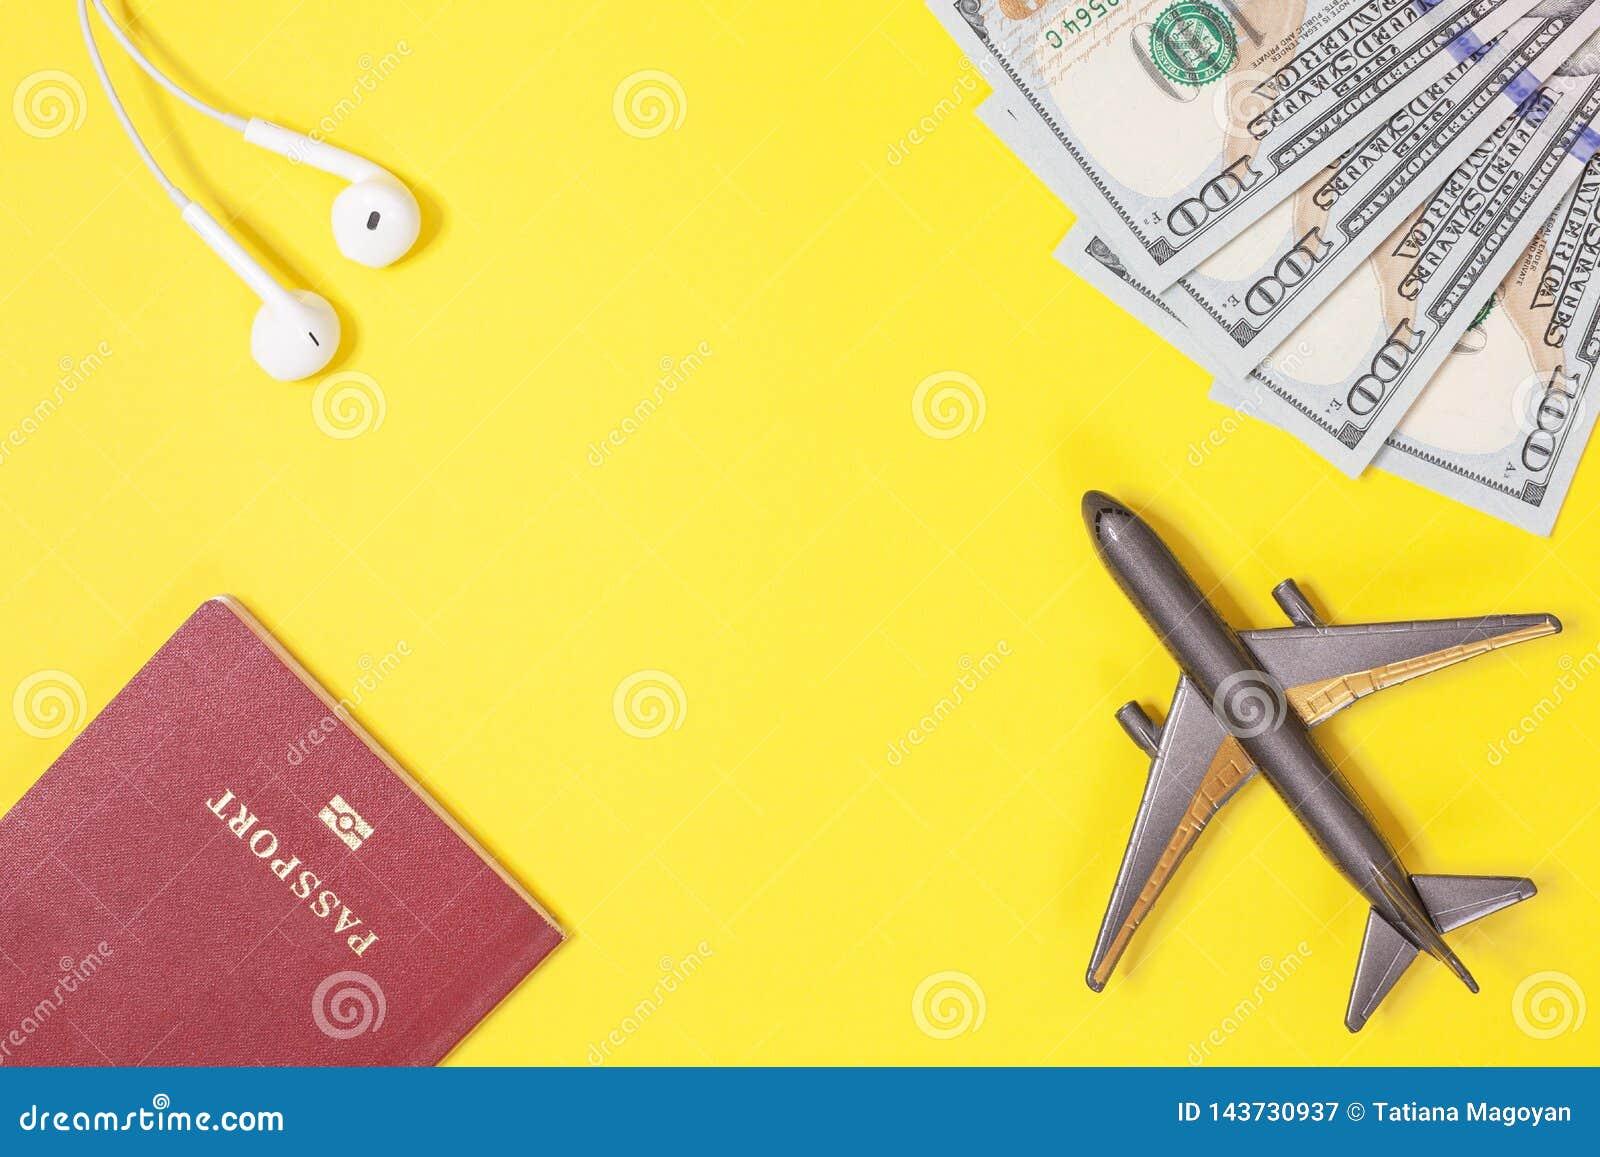 Λογαριασμοί εκατό δολαρίων, αεροπλάνο, ακουστικά, ξένο διαβατήριο στο φωτεινό κίτρινο υπόβαθρο εγγράφου διάστημα αντιγράφων